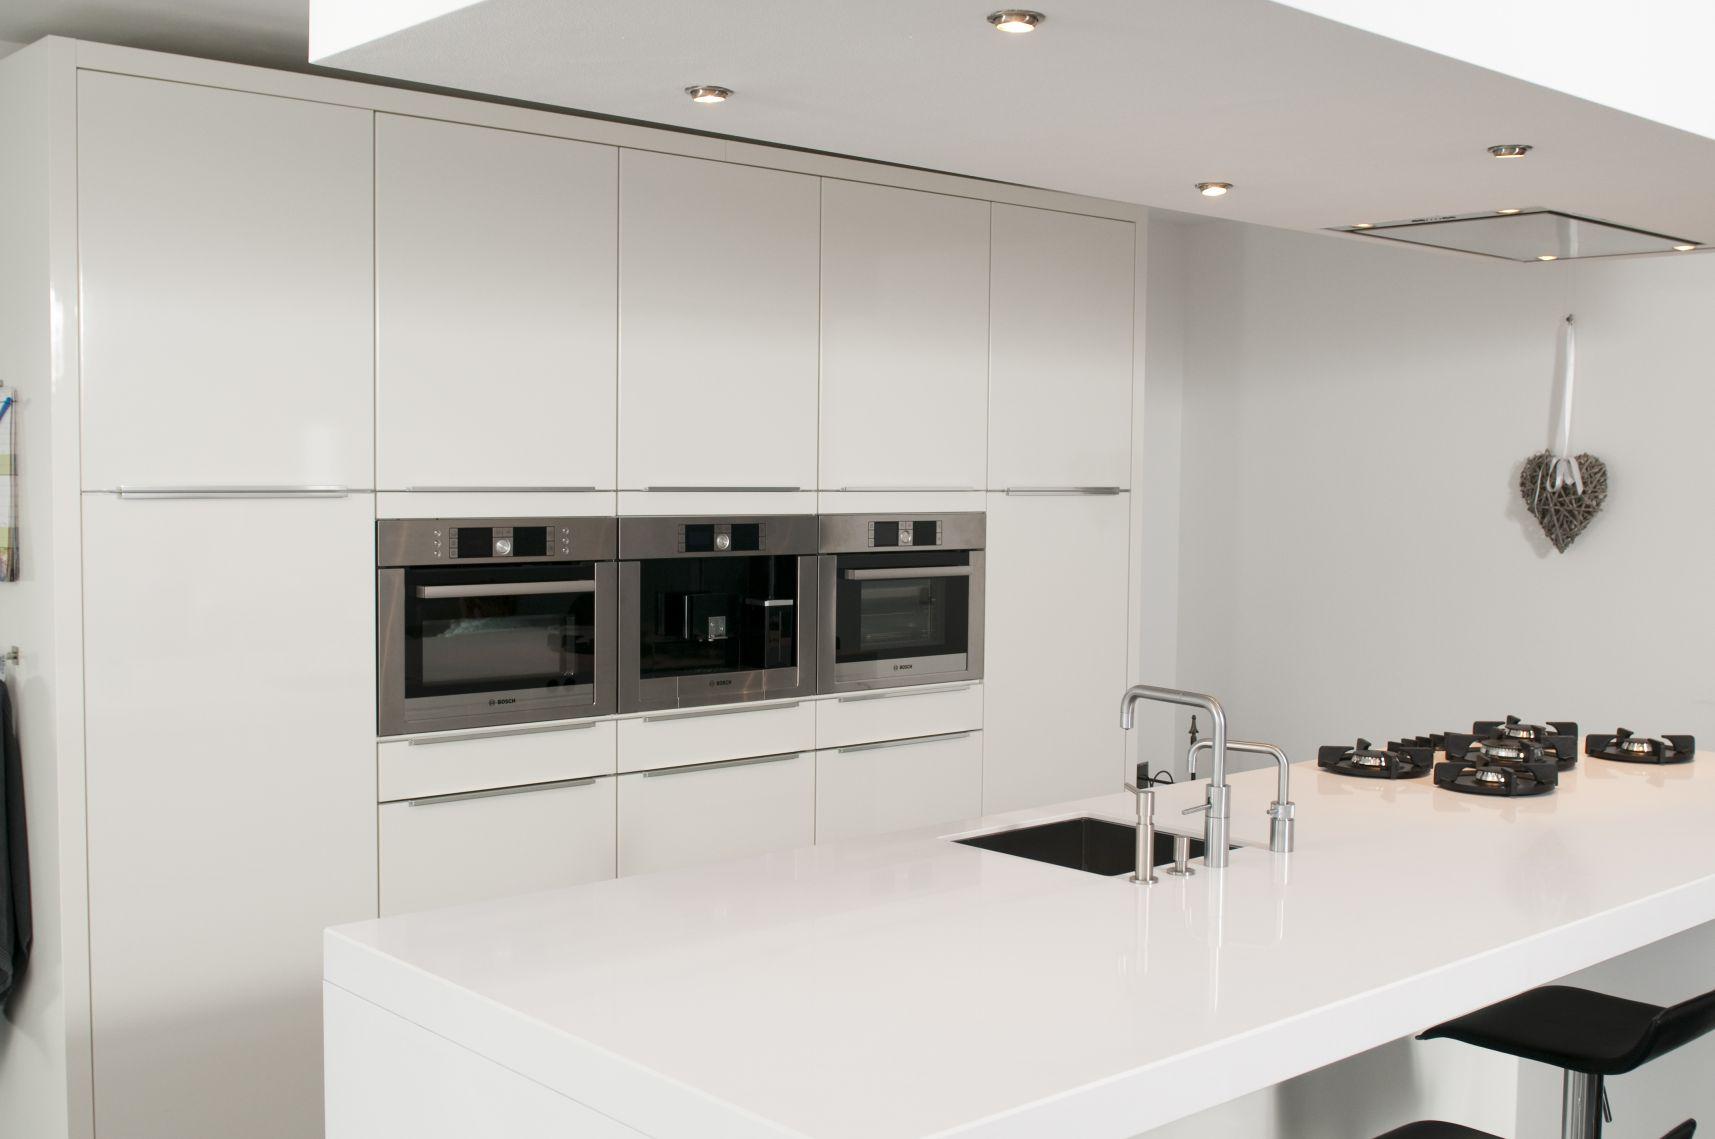 Witte keukens met grijs werkblad - Witte keuken met zwart werkblad ...